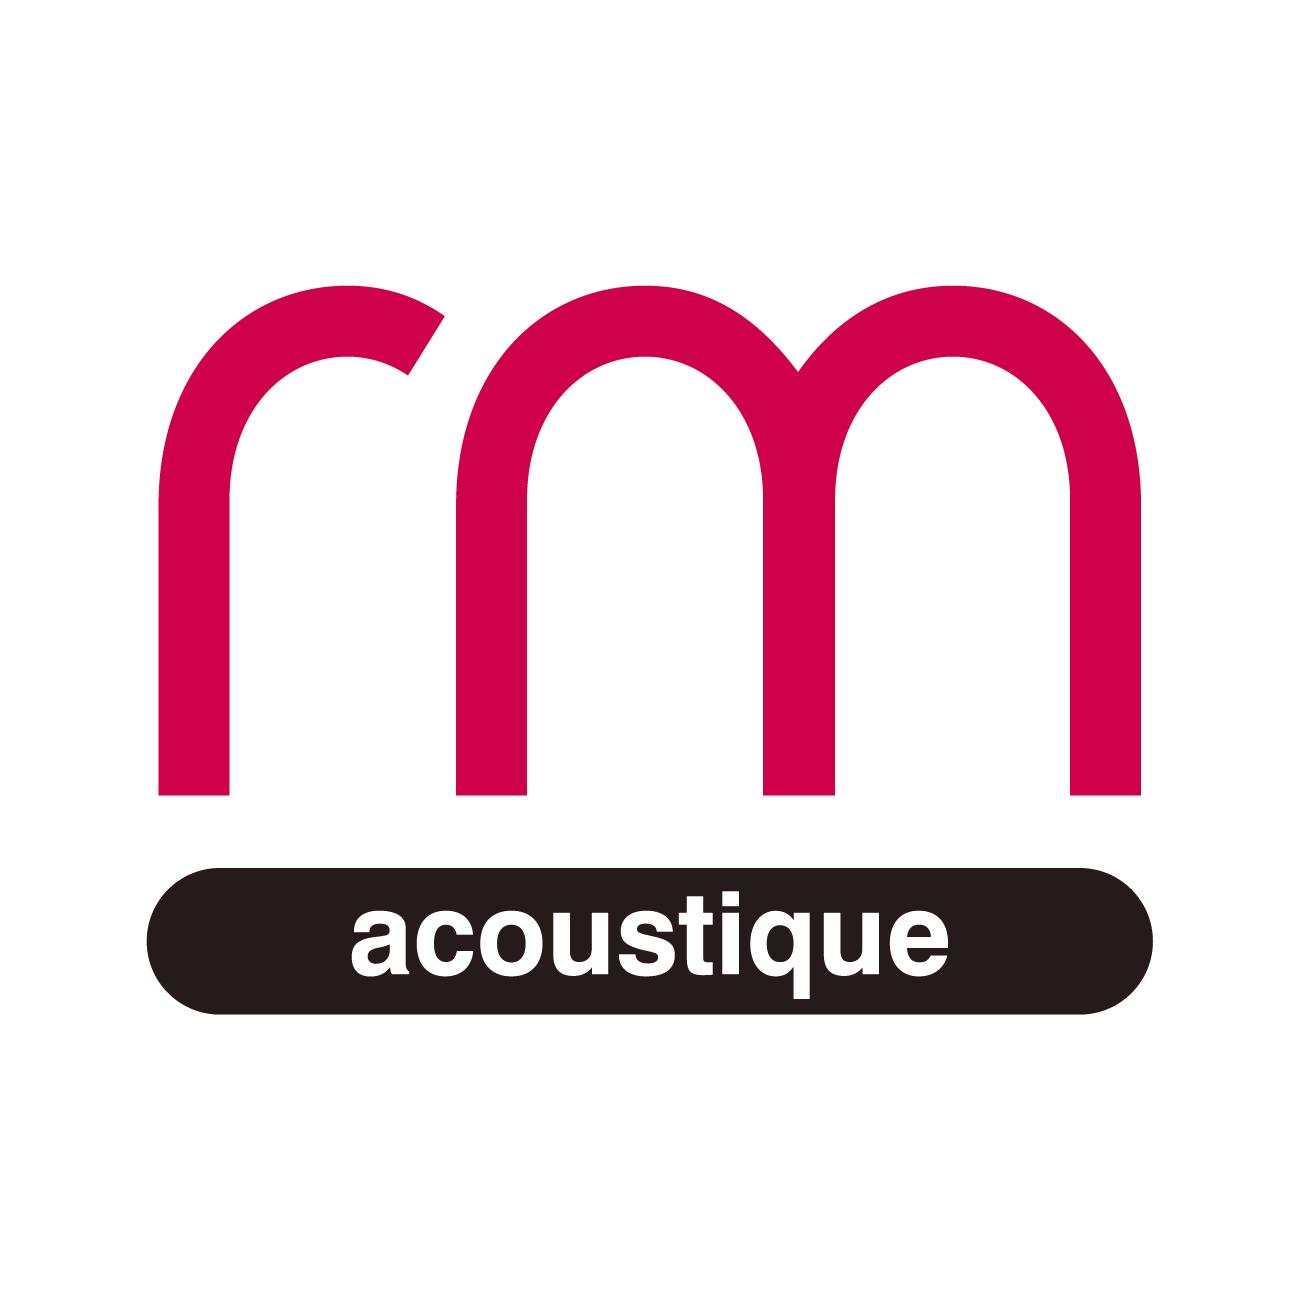 1532357151-rm-acoustique.jpg